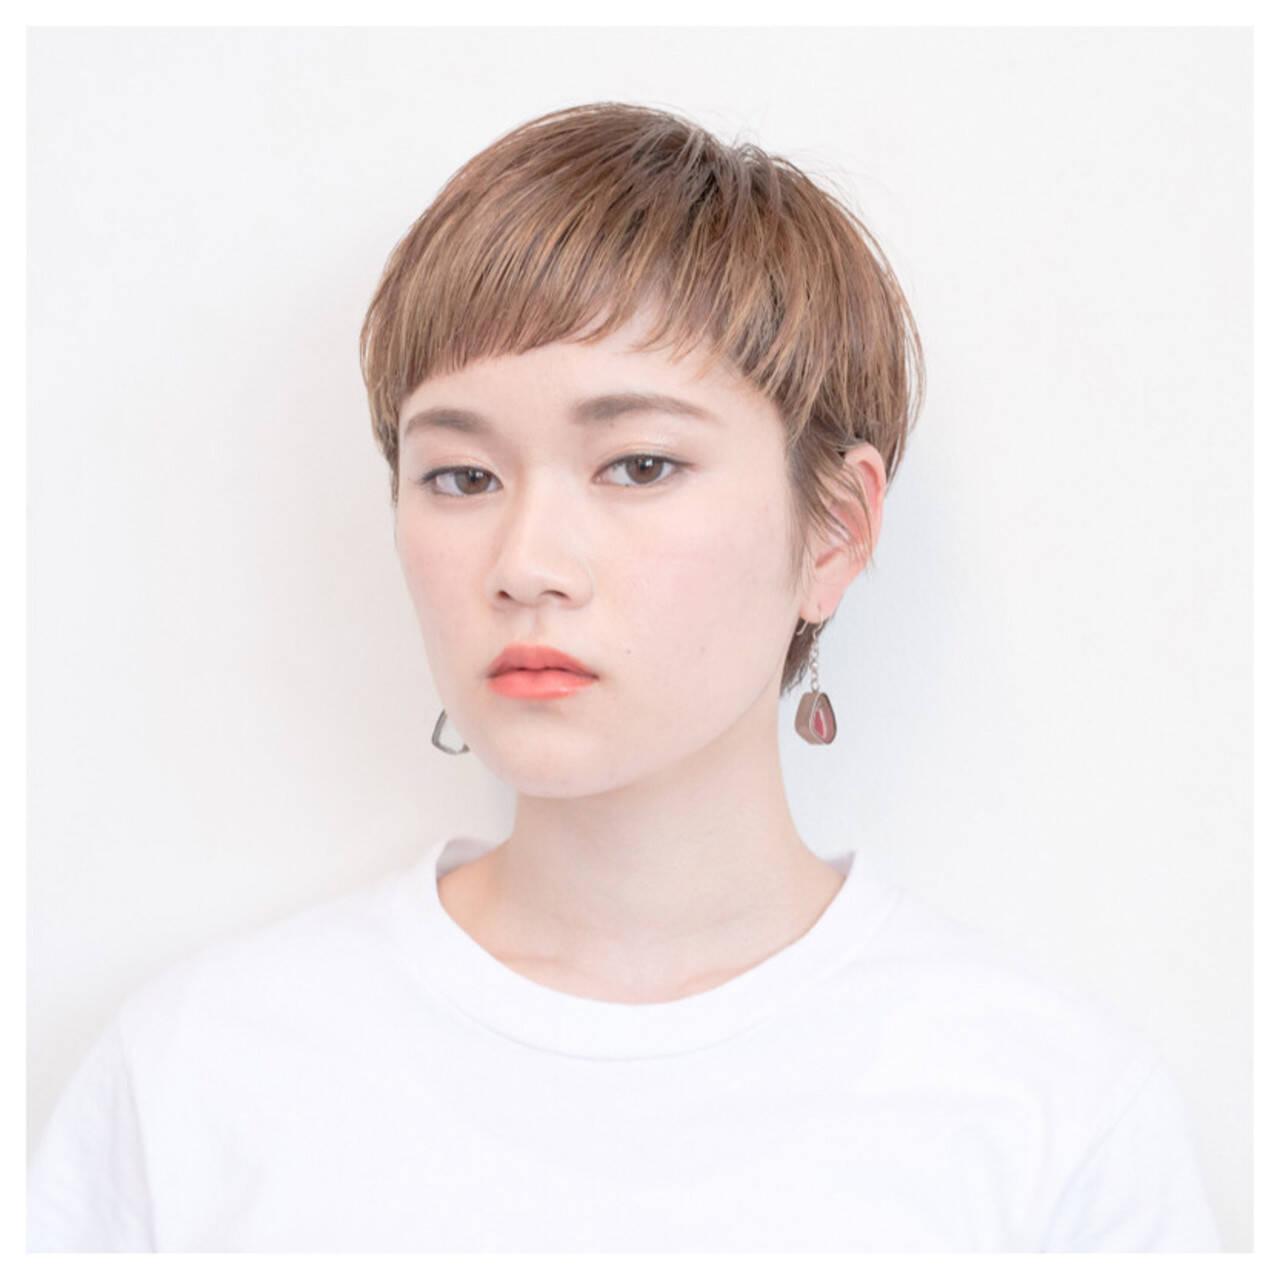 グラデーションカラー 前髪あり 外国人風 簡単ヘアアレンジヘアスタイルや髪型の写真・画像